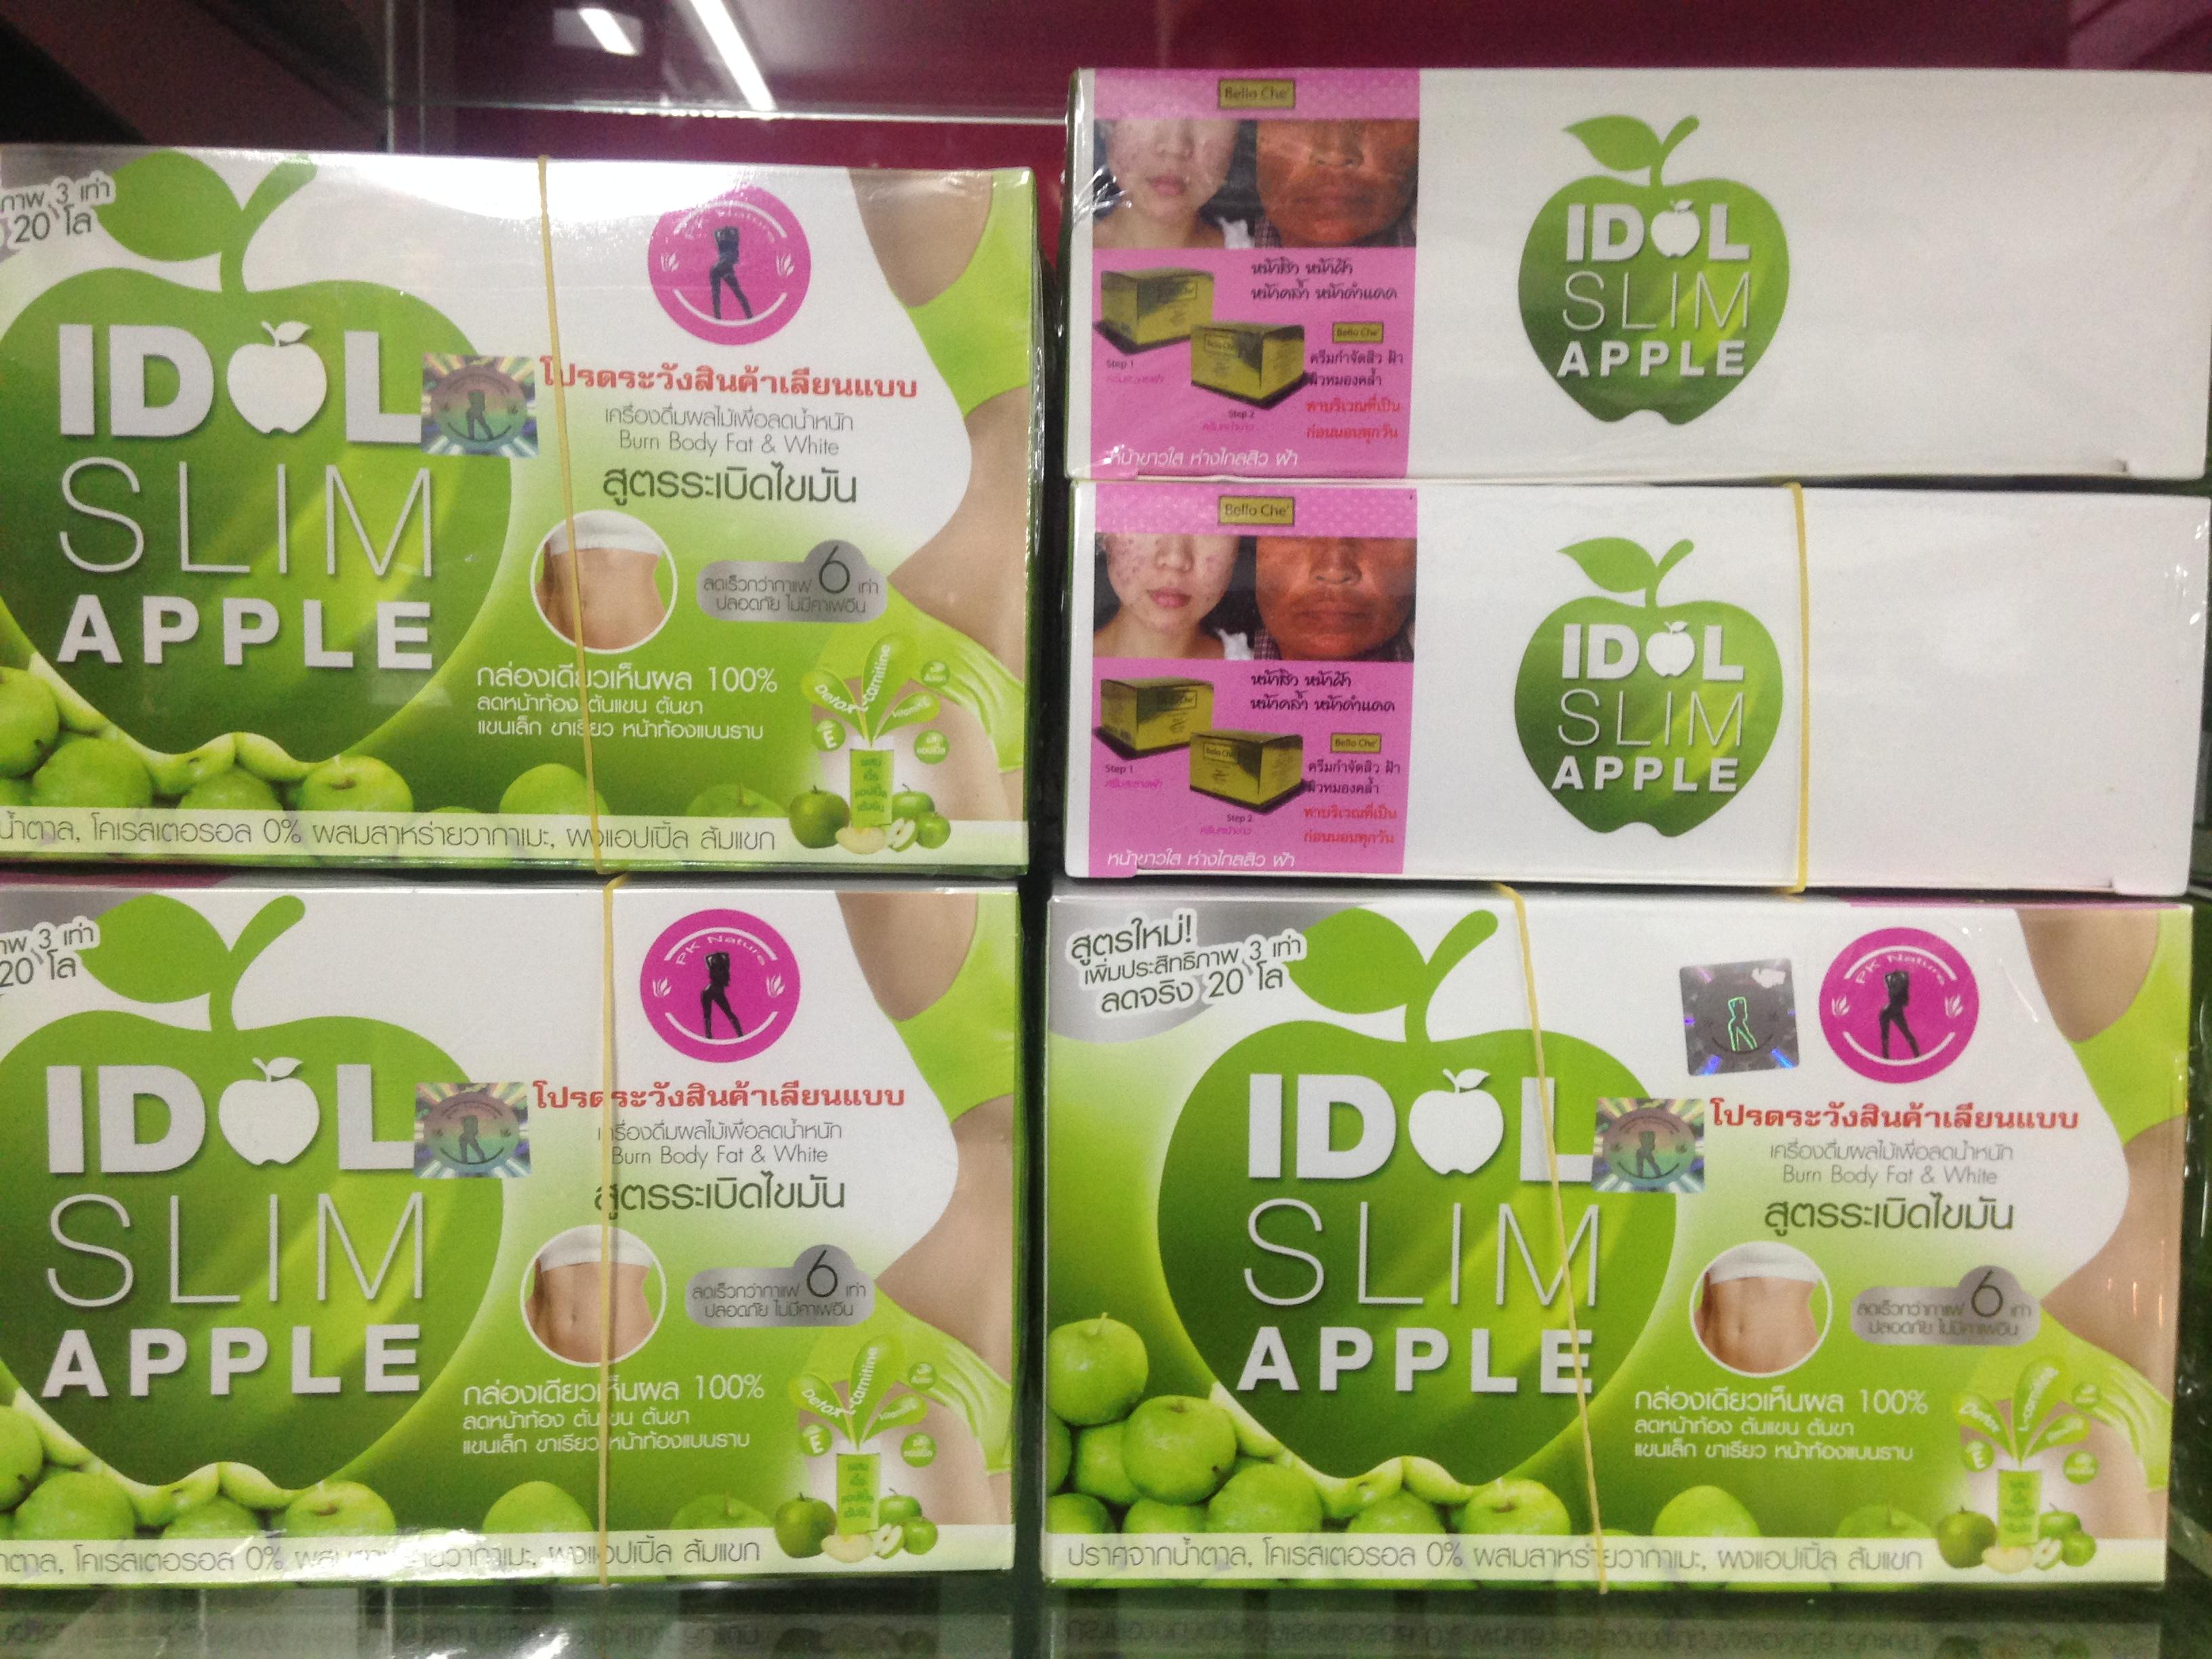 IDOL Apple Plus น้ำแอปเปิ้ล สีเขียว เพื่อรูปร่างสวยเพรียว 10ซอง